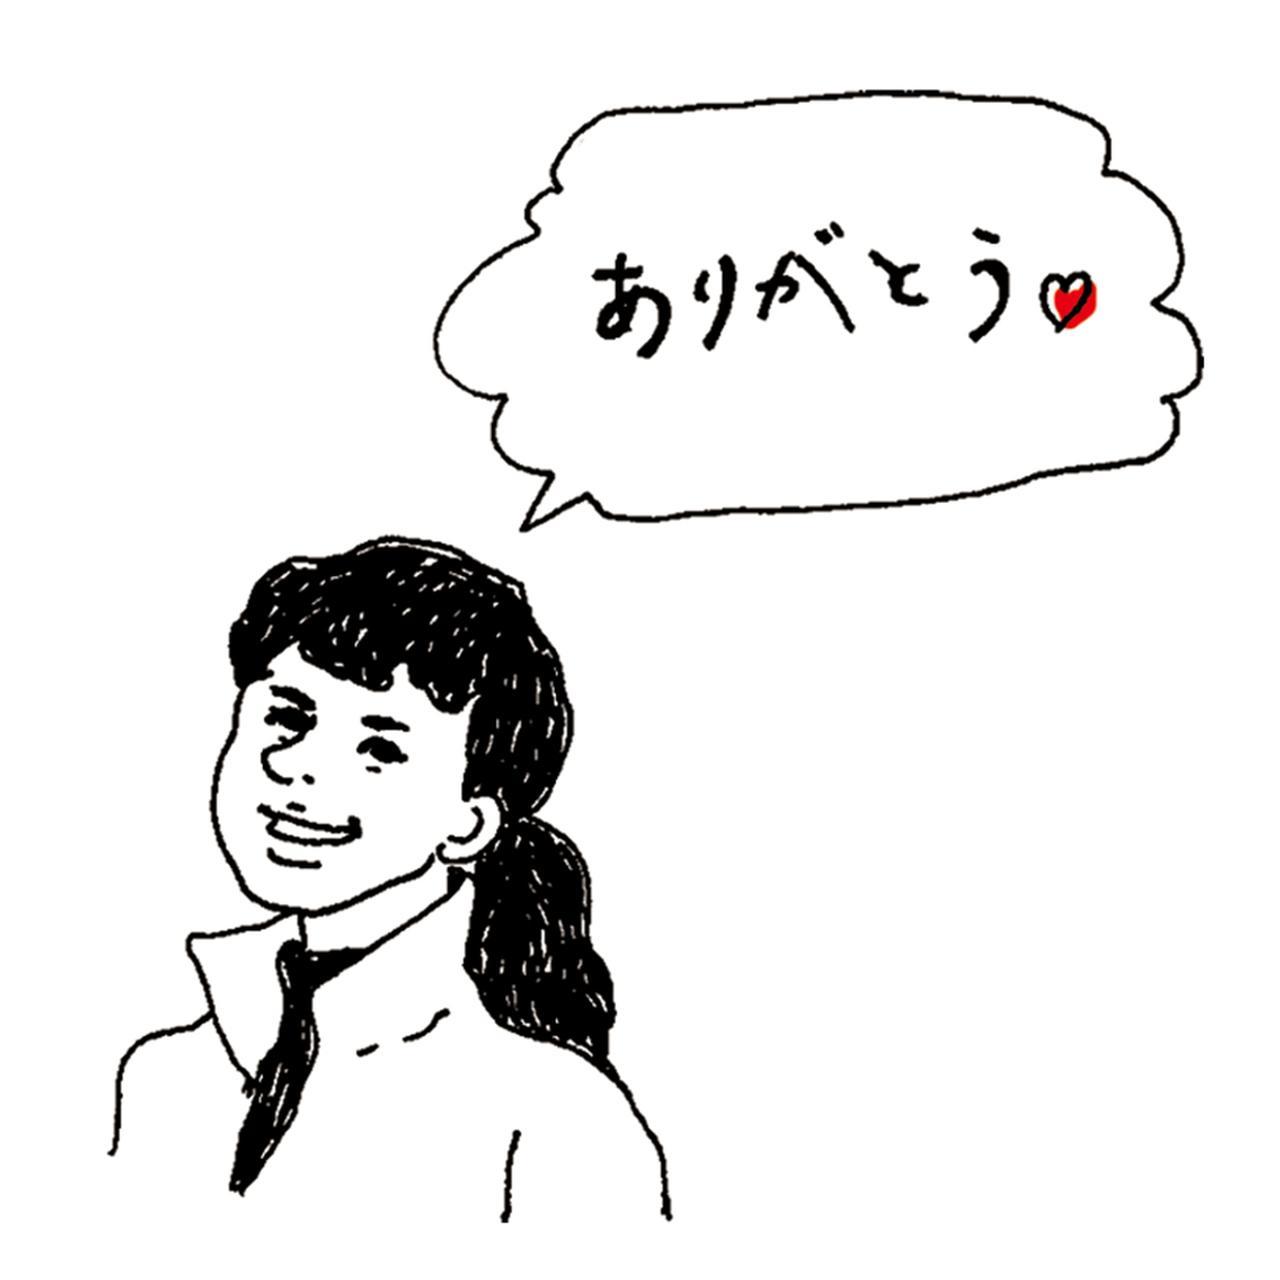 Images : 美しい言葉を発する